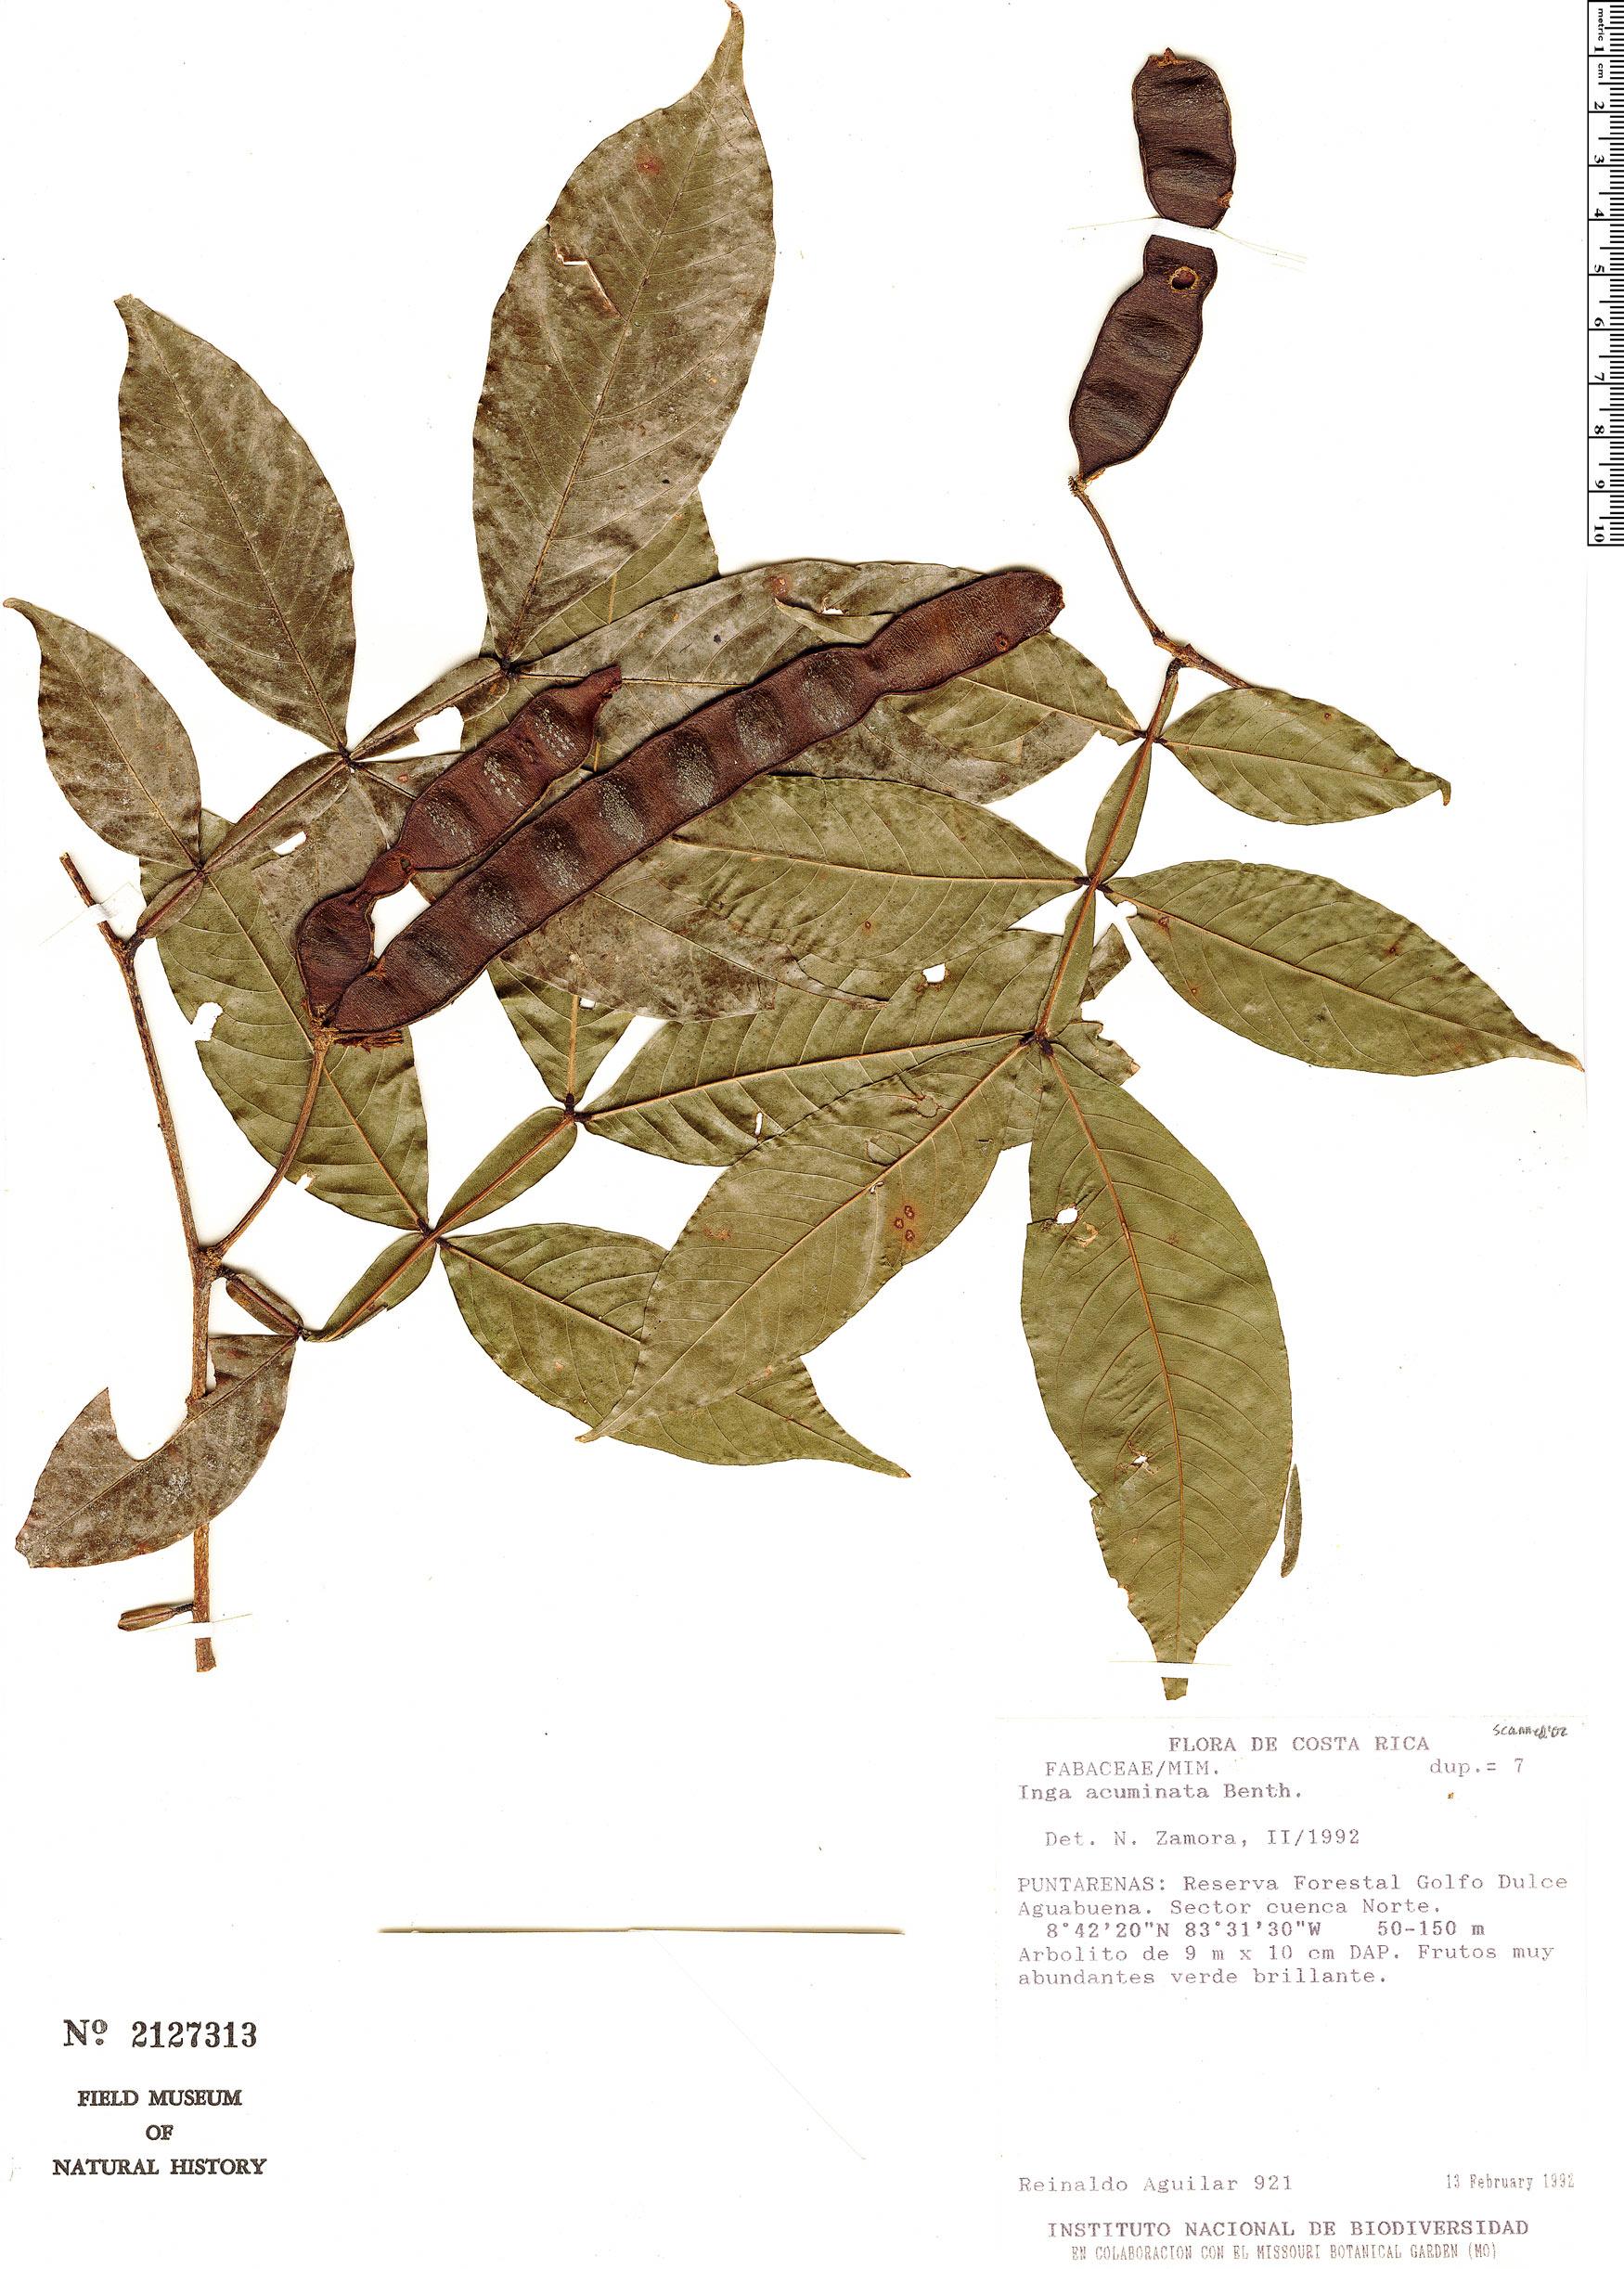 Specimen: Inga acuminata